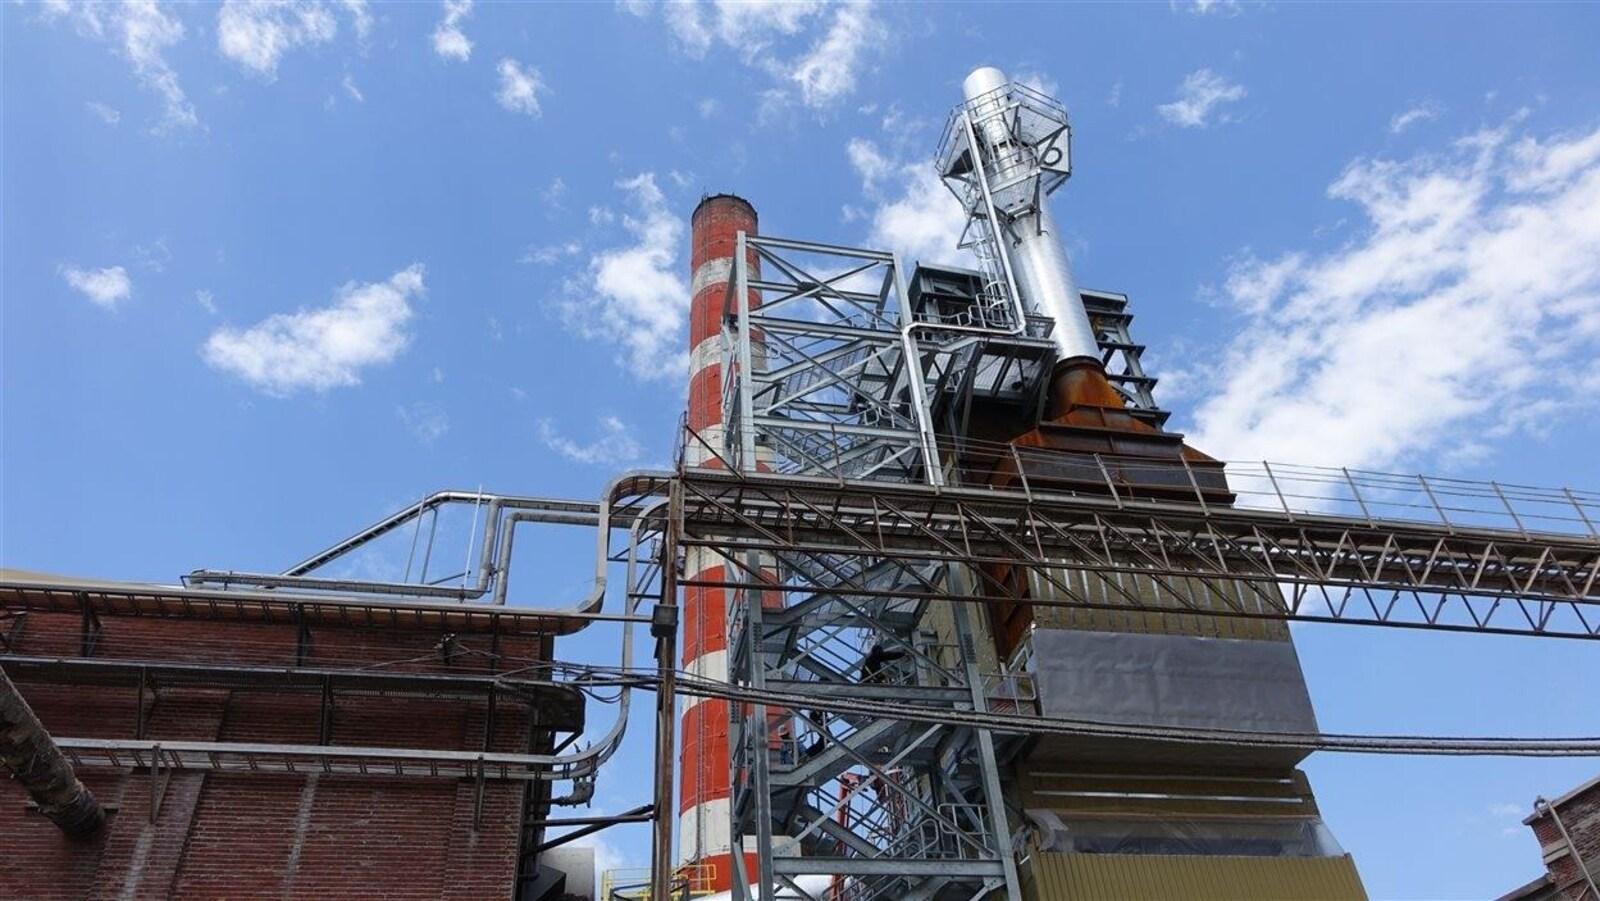 Le précipitateur électrostatique à l'usine Wayagamack de Kruger permet de réduire le rejet de particules fines dans l'air à Trois-Rivières.